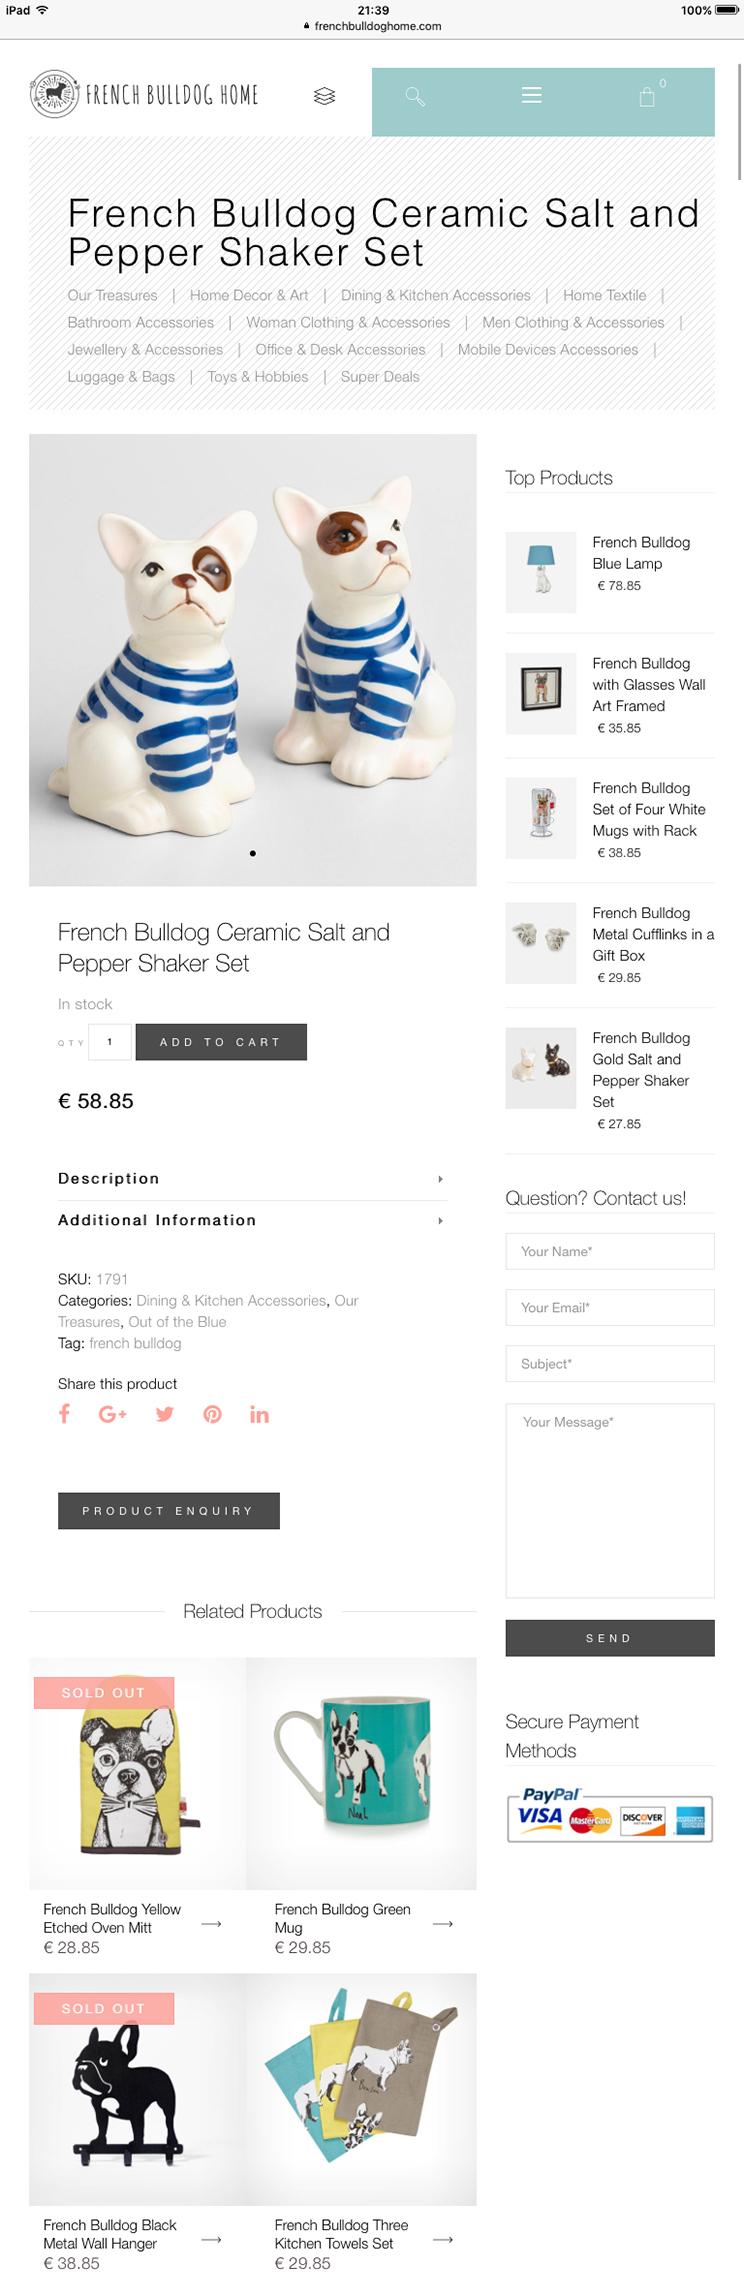 french-bulldog-orange-lion-design-studio-wroclaw-projektowanie-stron-internetowych-grafika-fotografia-9